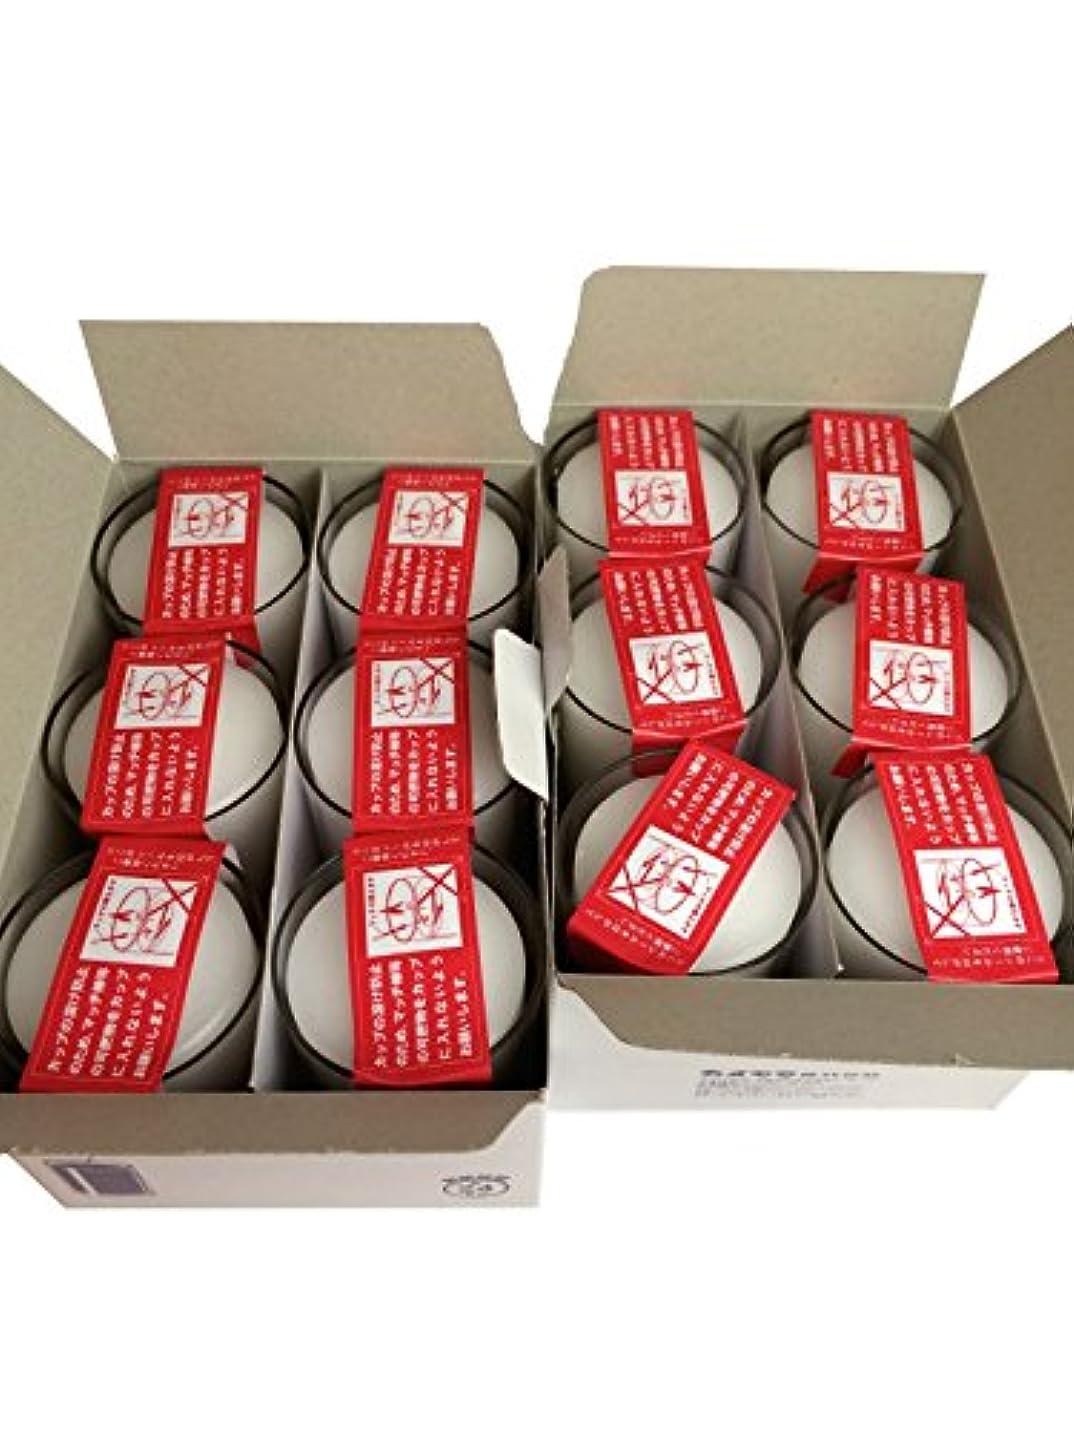 迫害するラグインデックスカメヤマローソク 長時間 24時間 ボーティブ カップ入り(6個×2箱set) 石のさかい 粗品付き